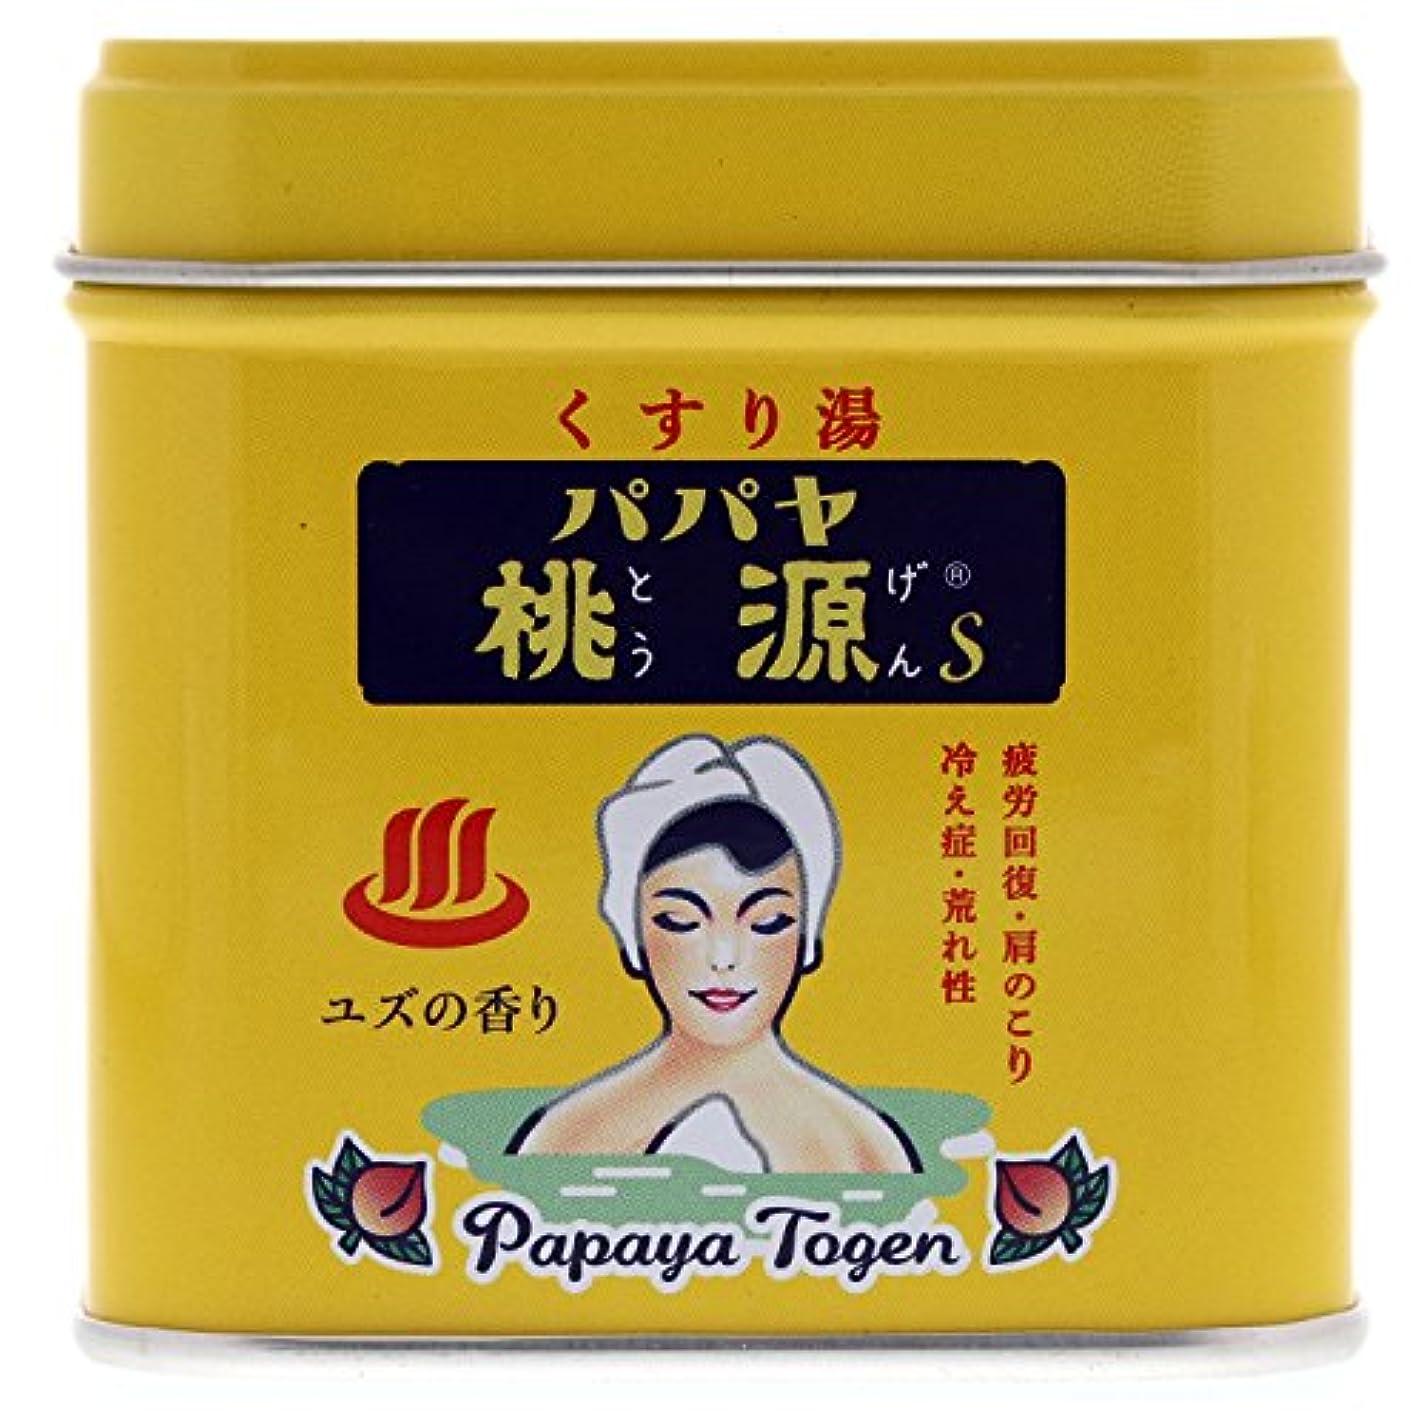 ここに億ステートメントパパヤ桃源S 70g缶 ユズの香り [医薬部外品]